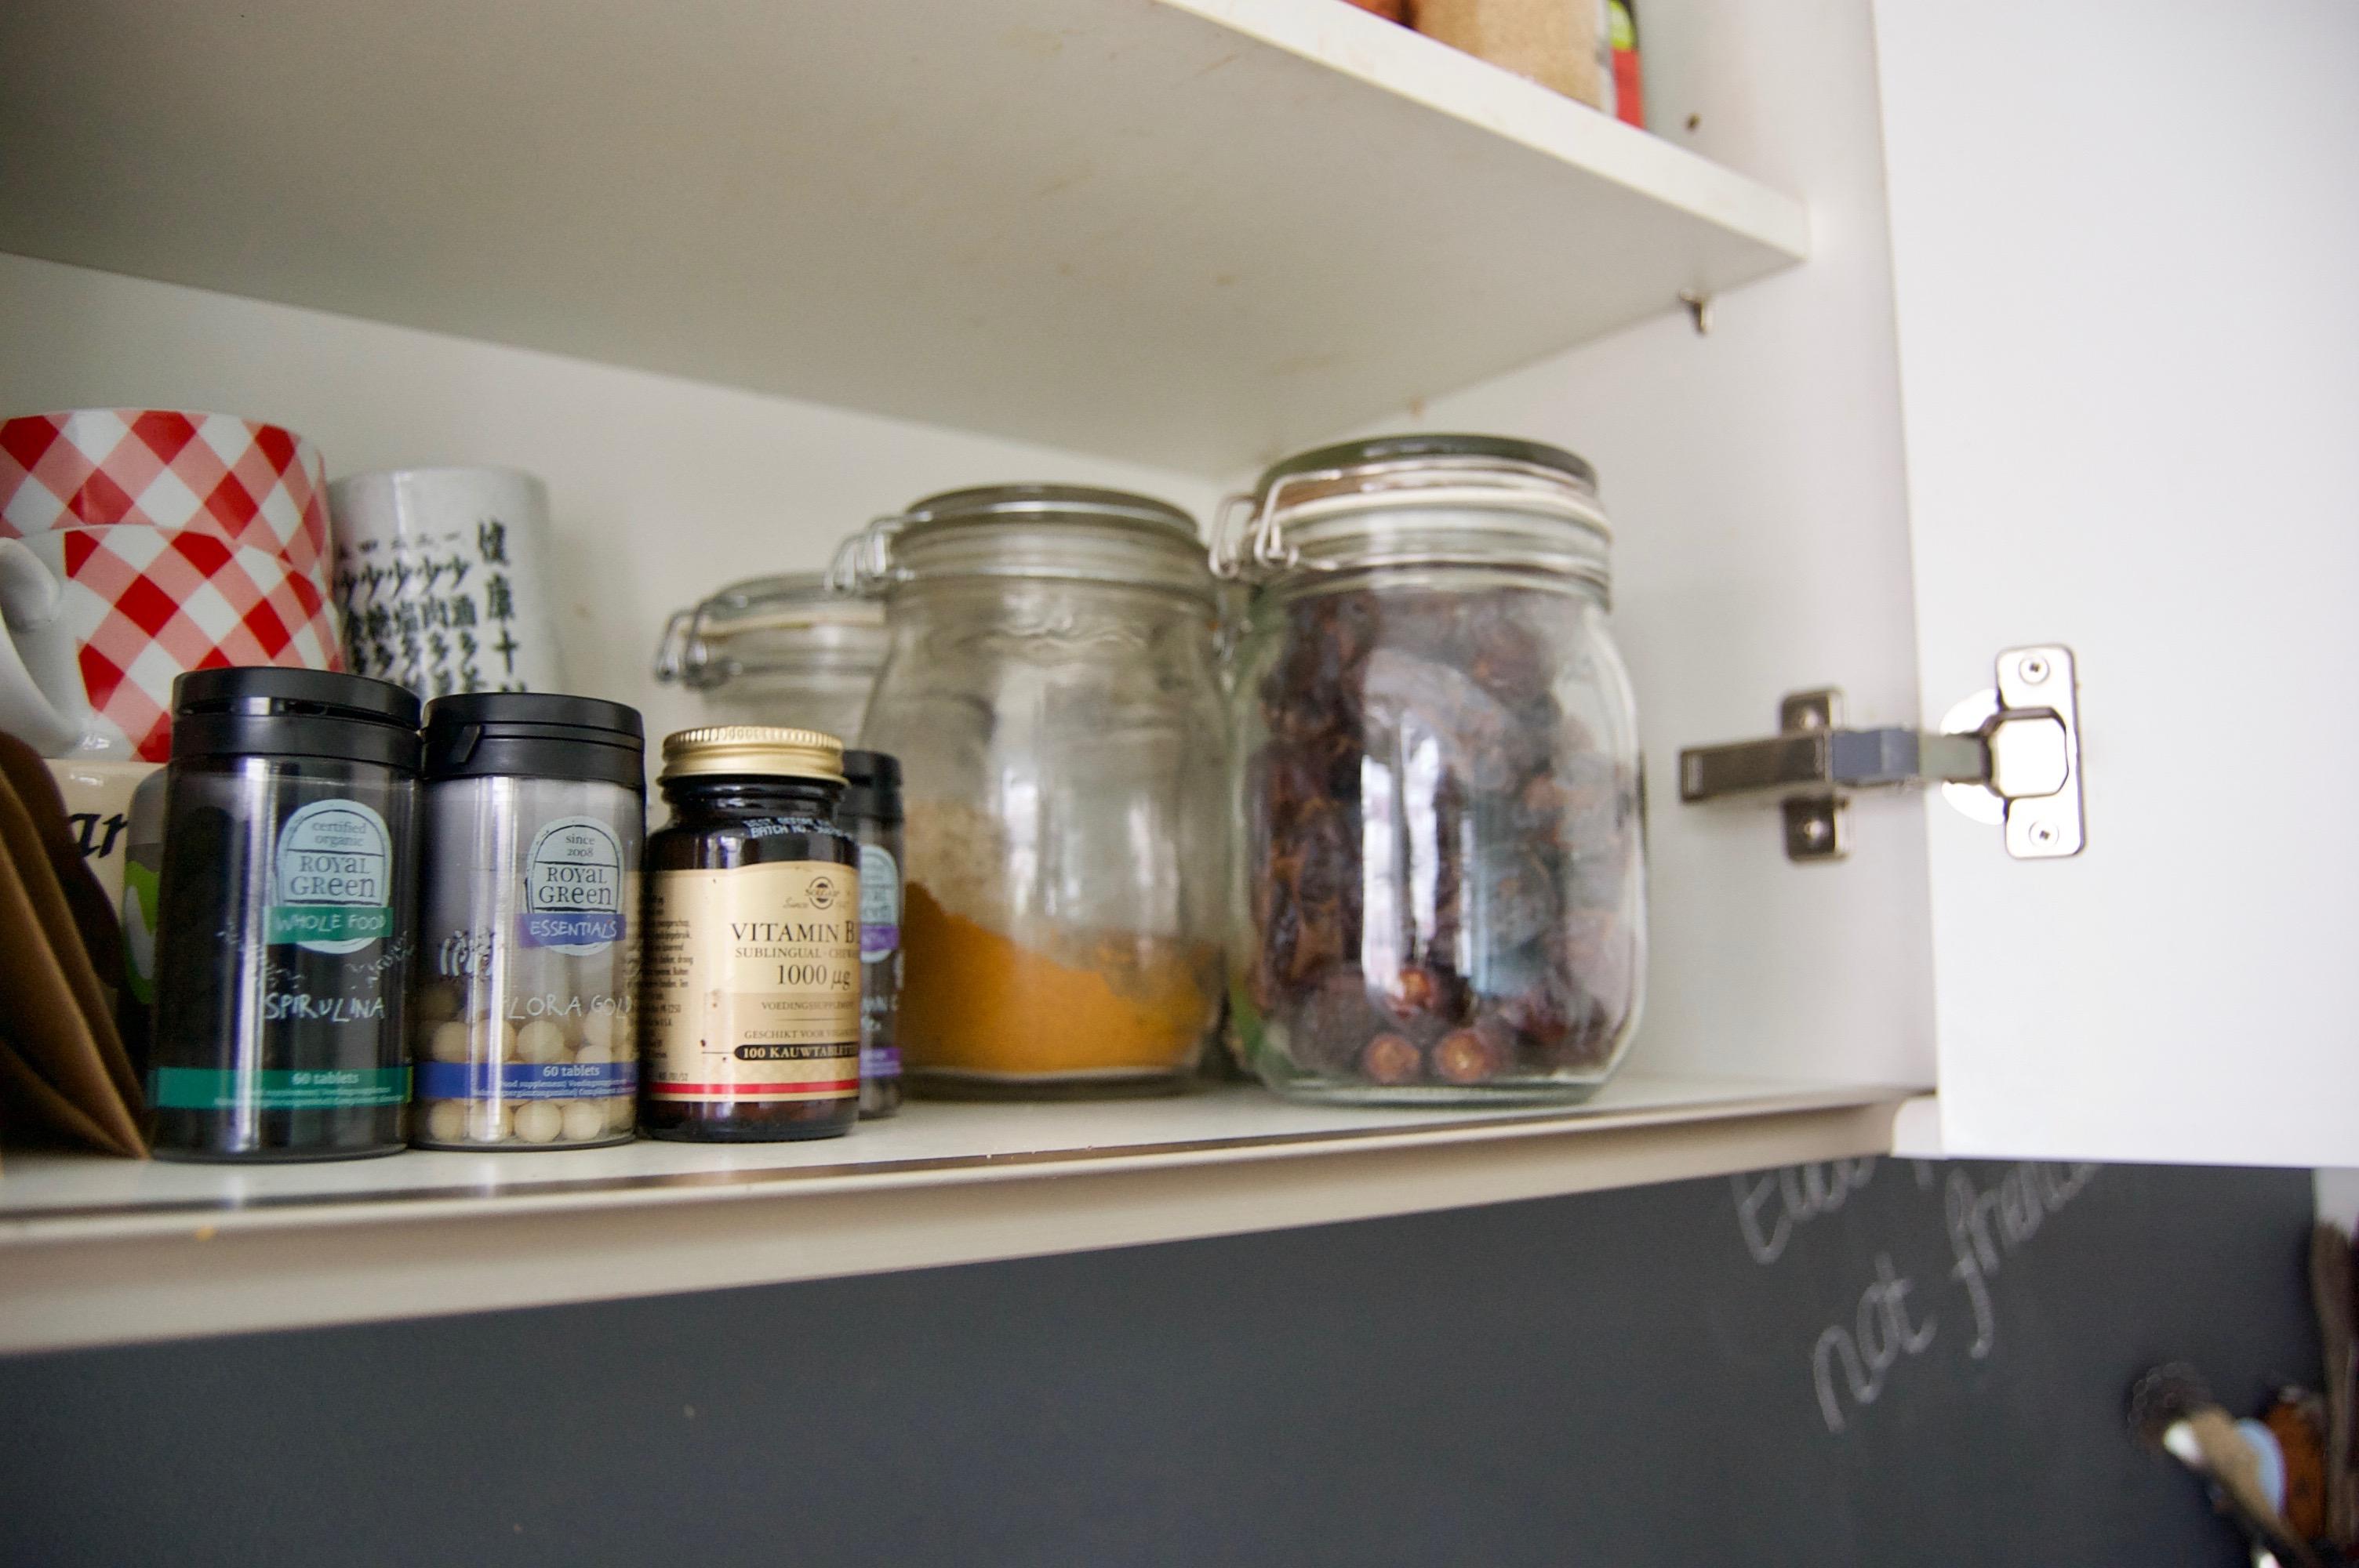 een kijkje in de keuken van lisa goes vegan7